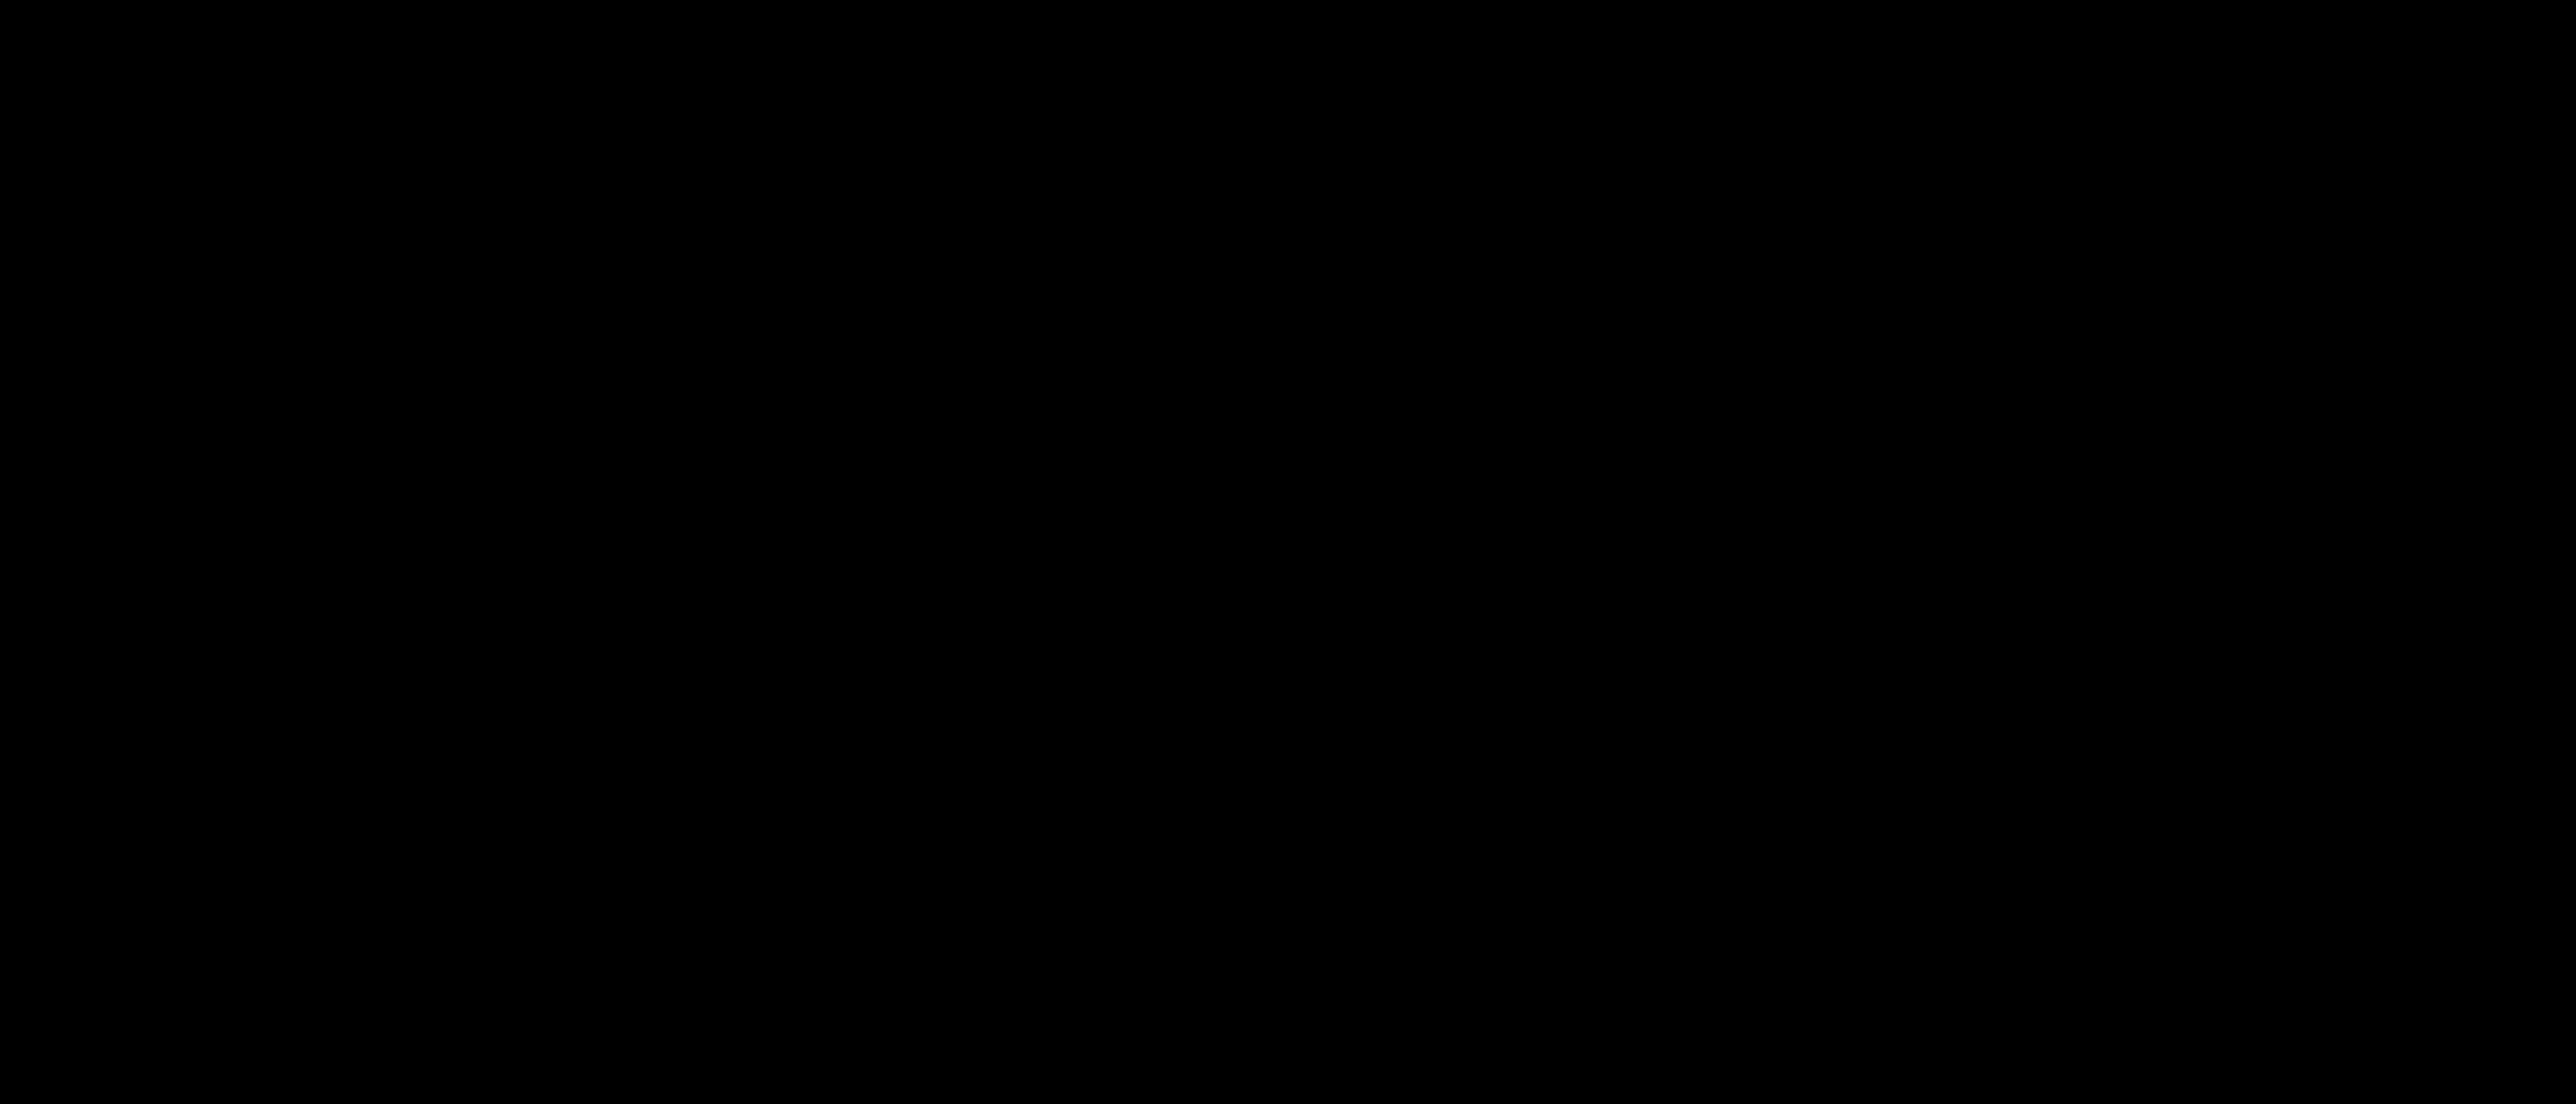 Sibiu Regiune Gastronomică Europeană 2019: Concurs pentru denumirea monedei locale